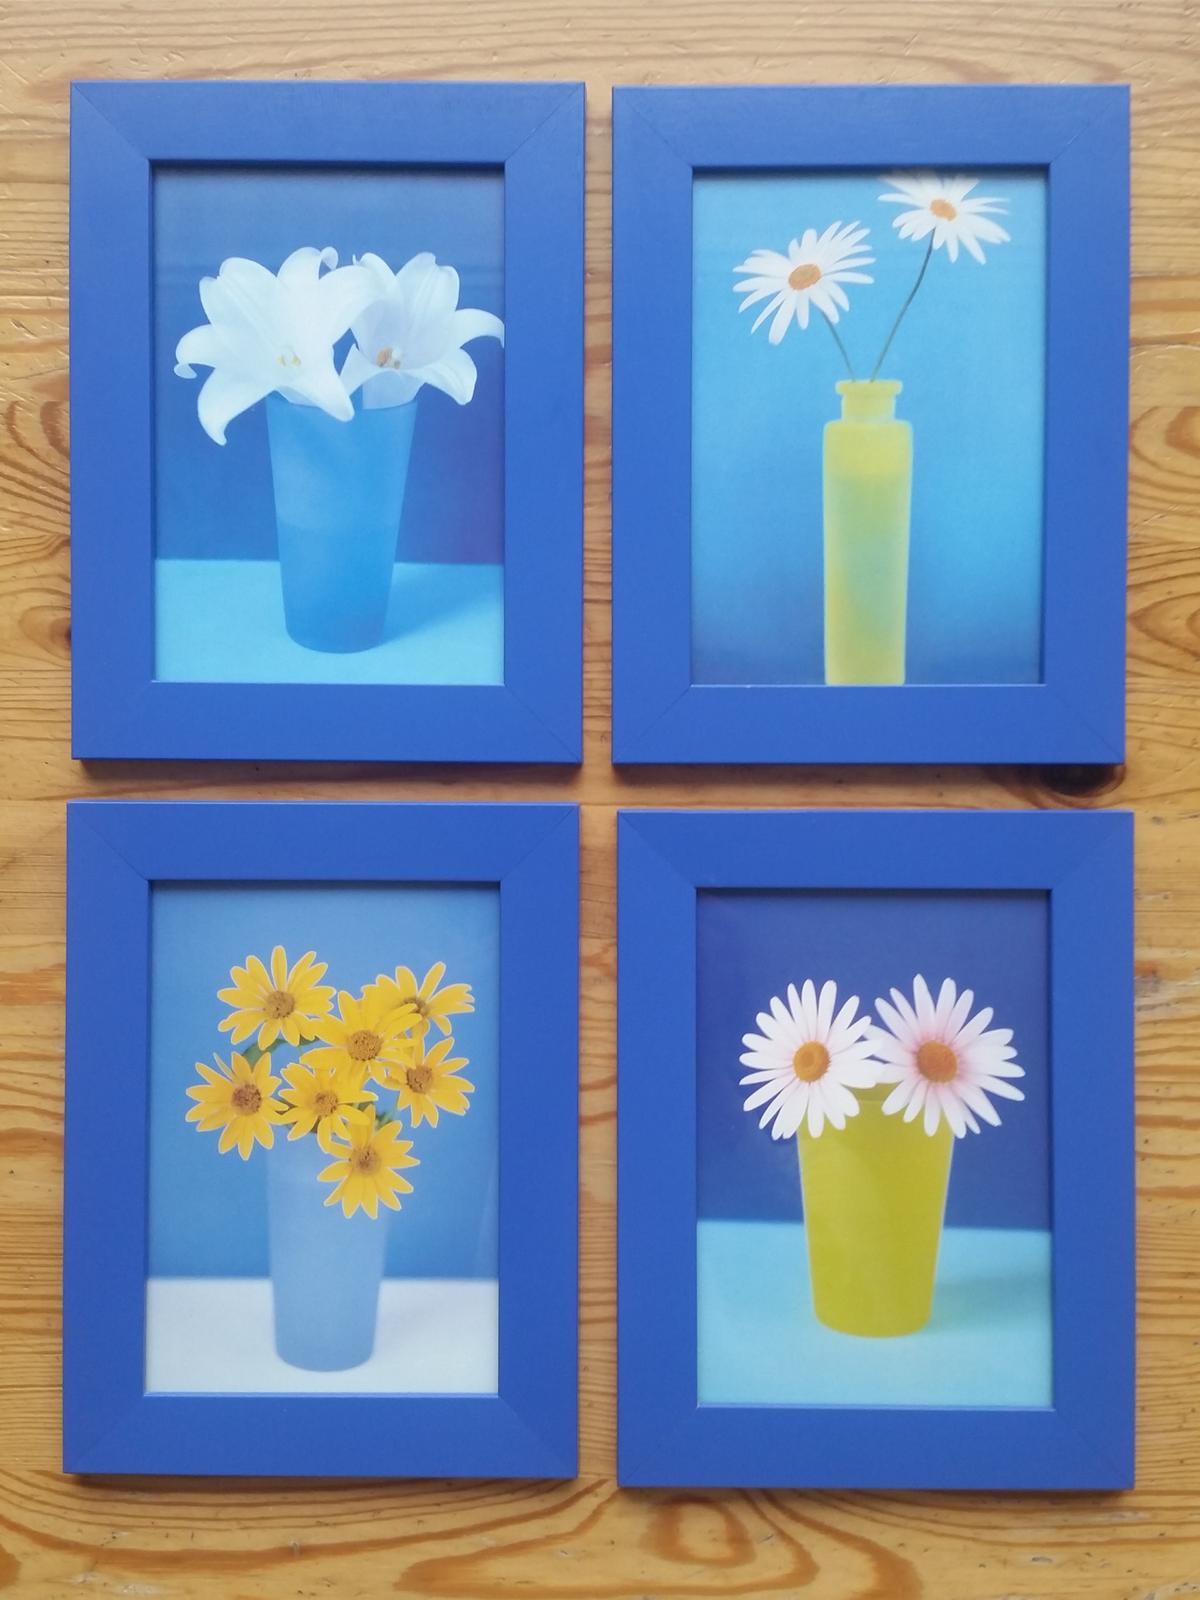 Modré rámečky IKEA s obrázky s motivem květin - Obrázek č. 1